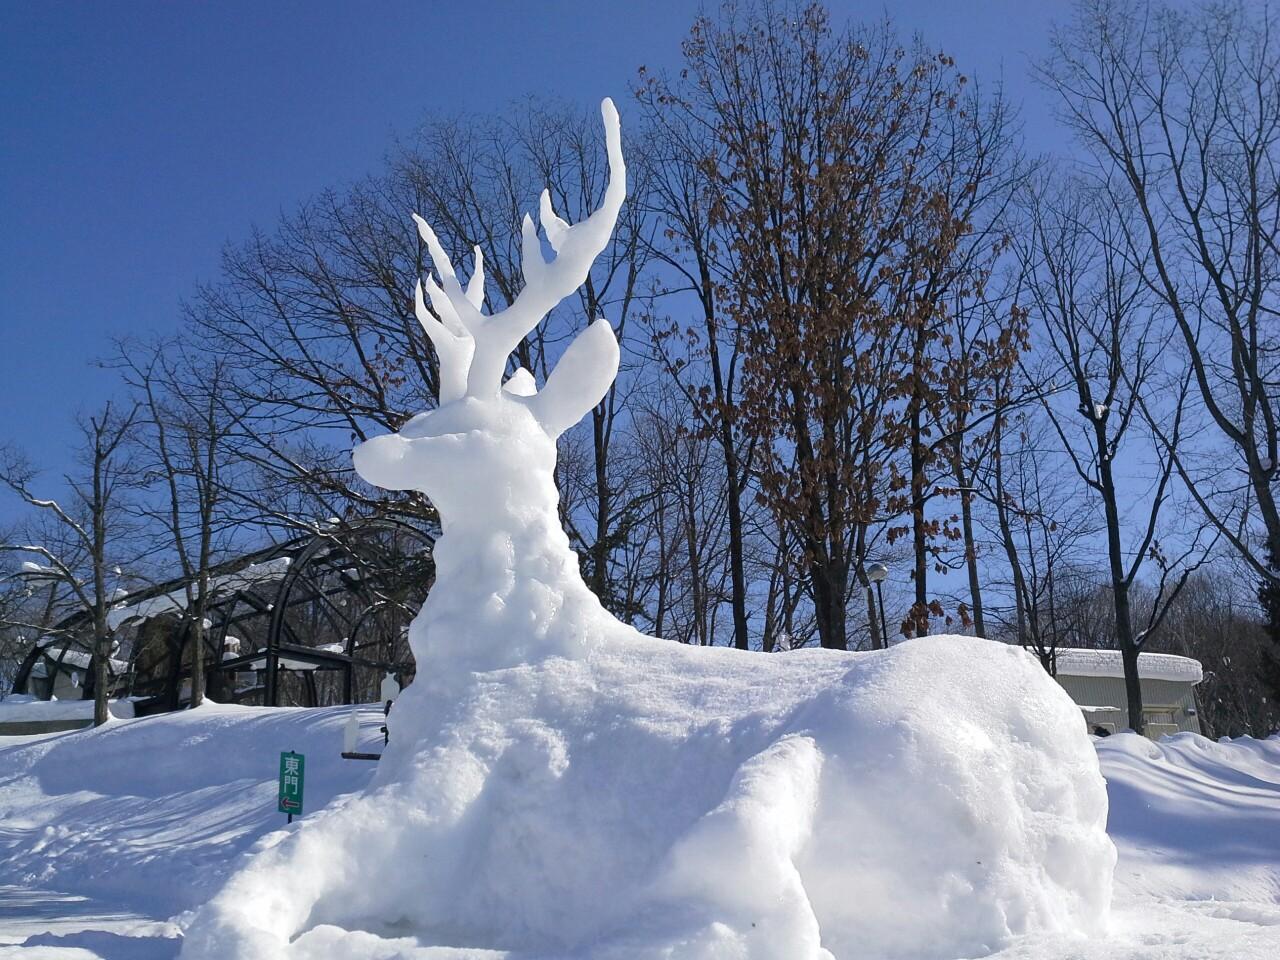 雪雕也是动物